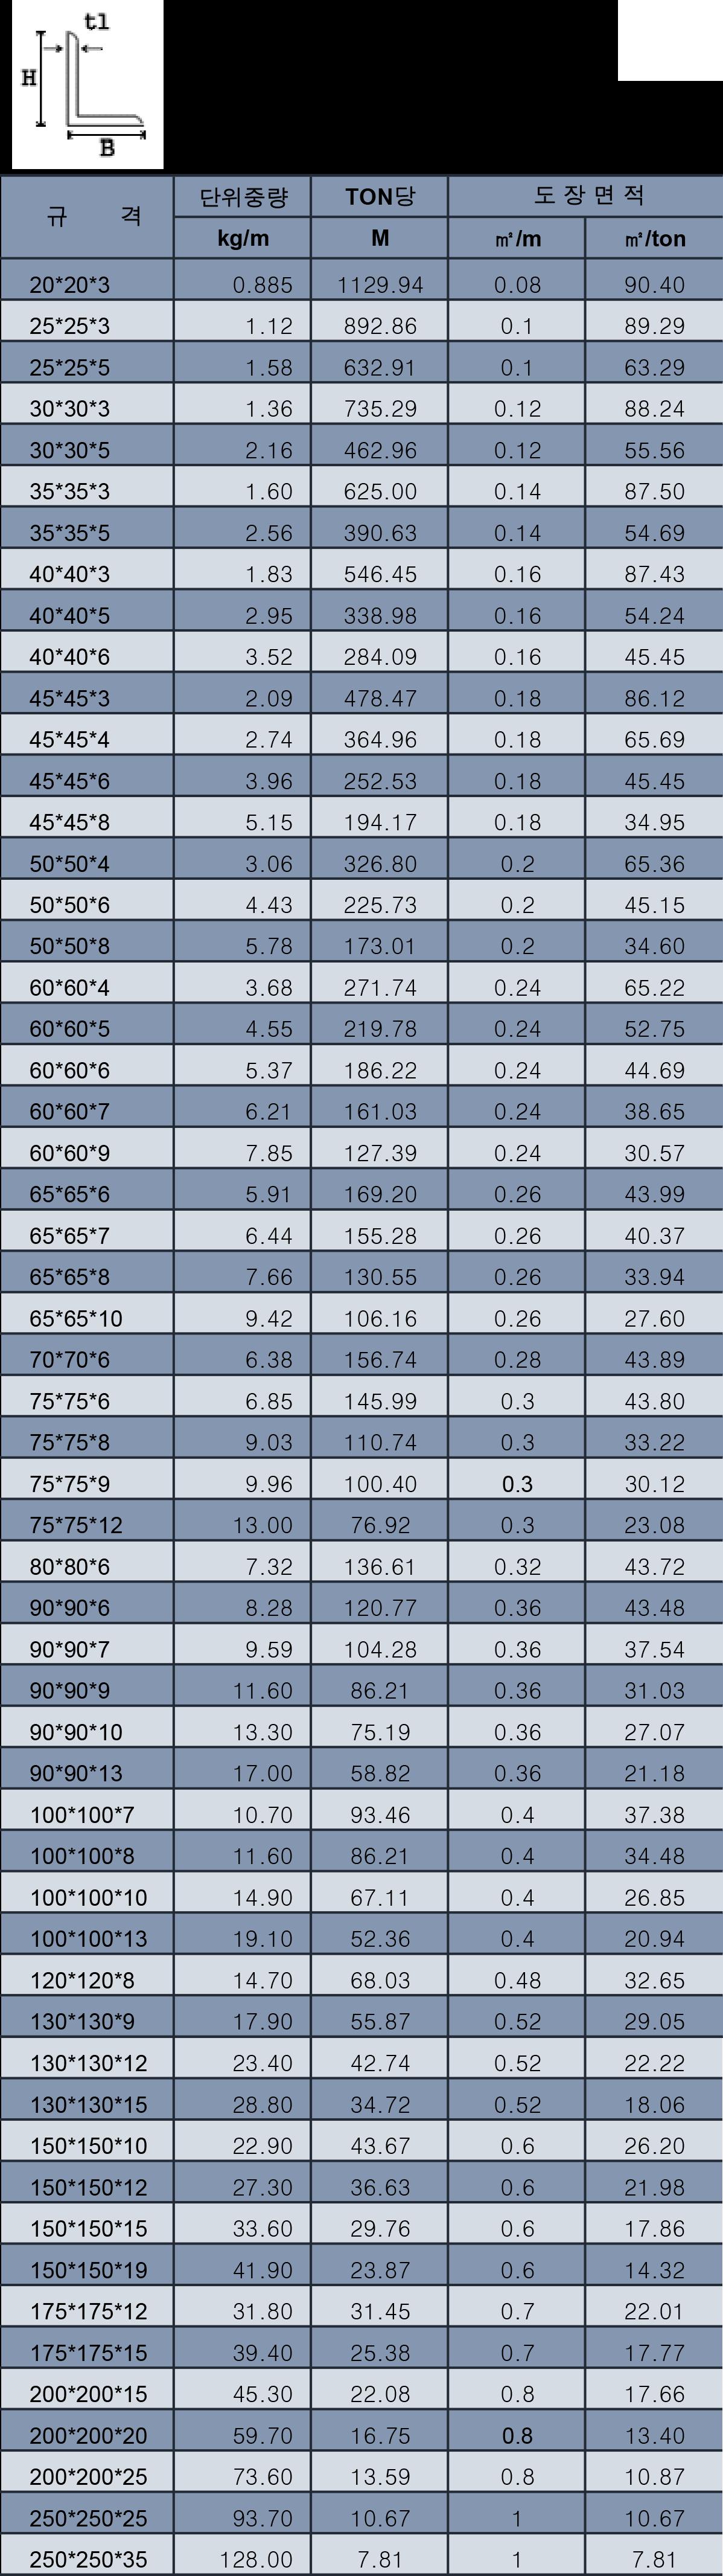 ㄱ-형강(ANGLE) 규격 및 단위중량